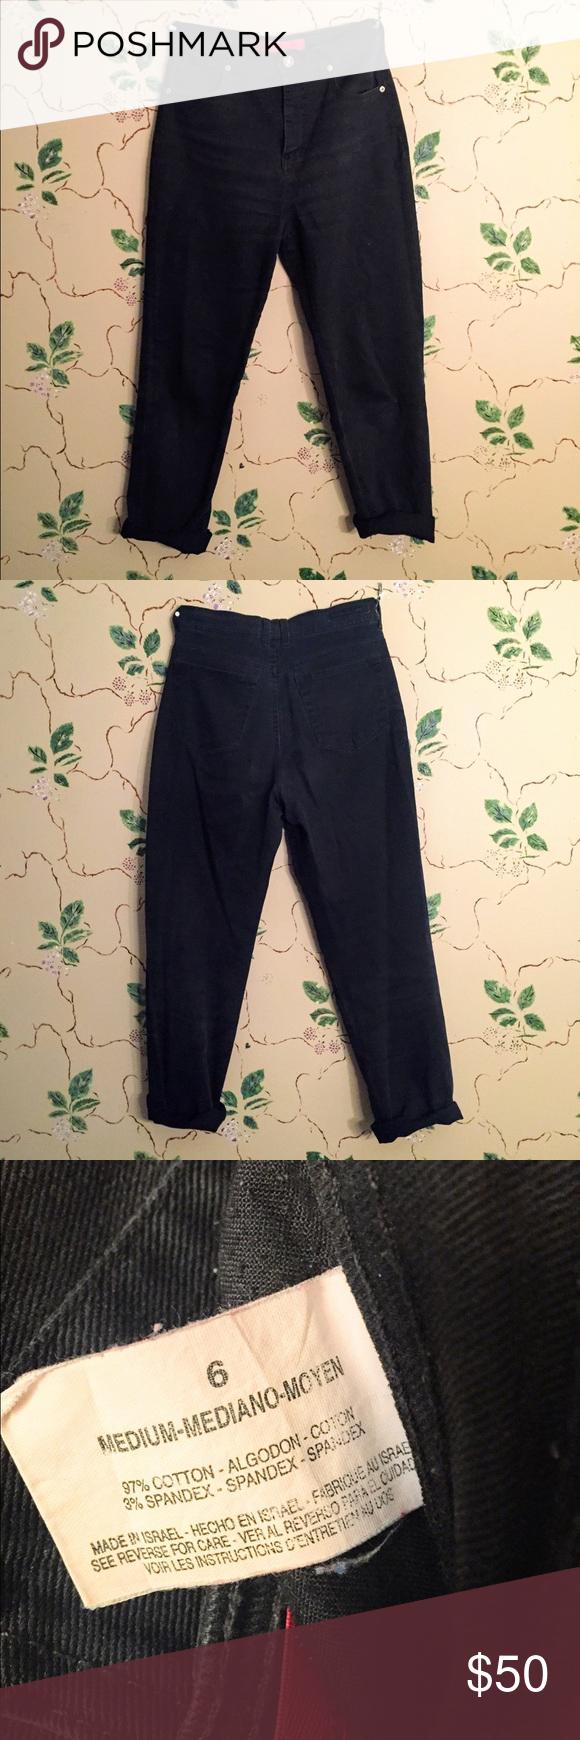 Vintage Gloria Vanderbilt Mom Jeans Vintage Gloria Vanderbilt Mom Jeans! Tag says size 6! In good condition! Make an offer! Gloria Vanderbilt Jeans